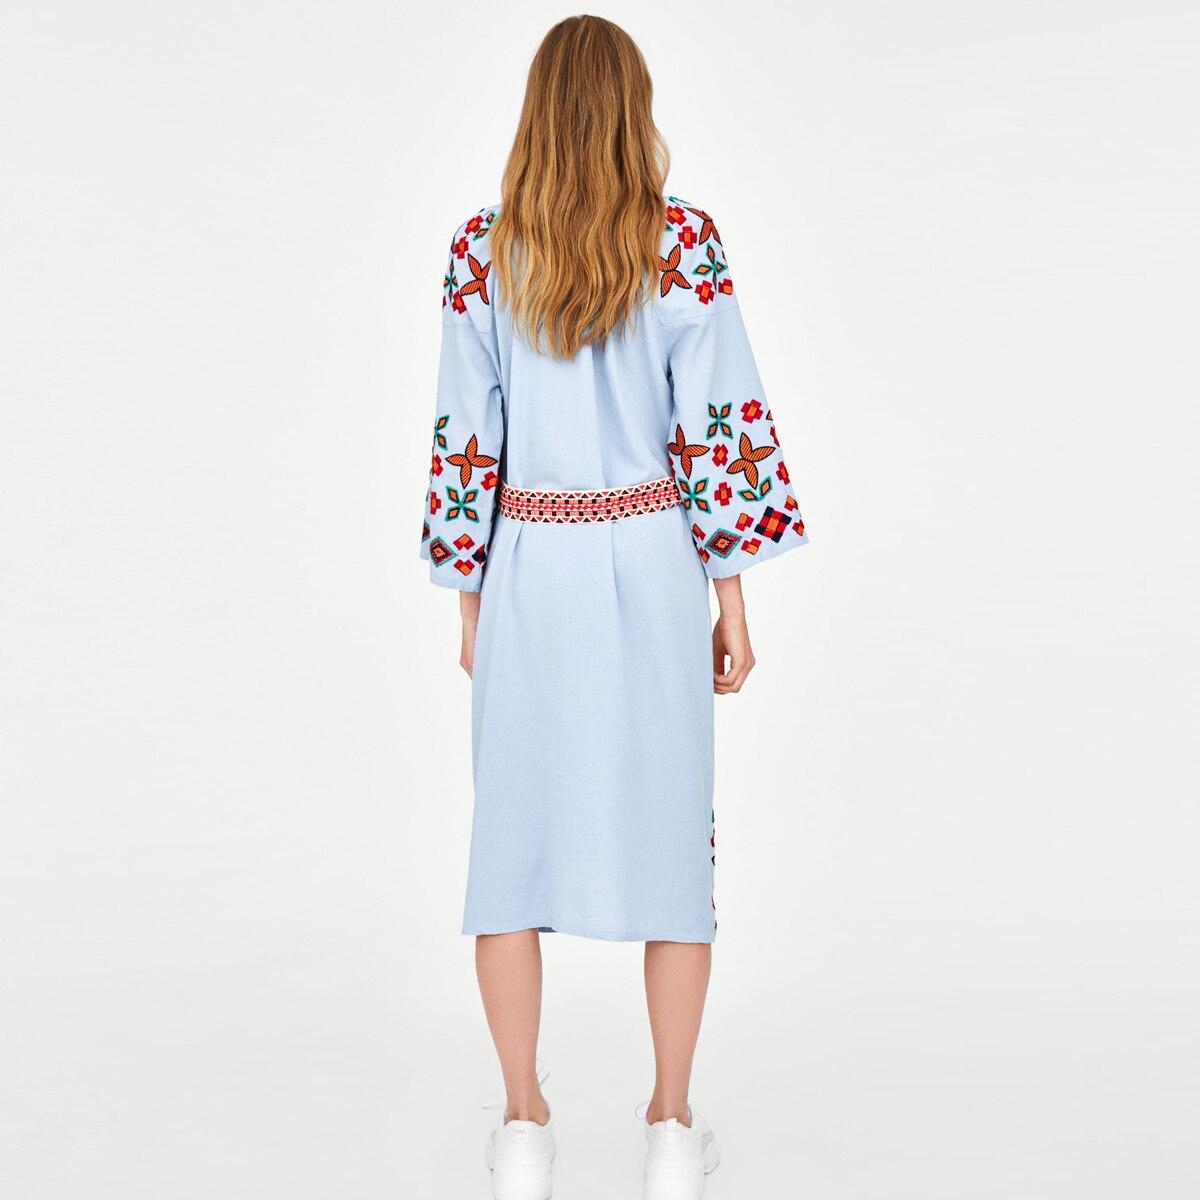 Jastie 2019 automne brodé robe mi-longue manches o-cou femmes robes décontracté Vintage Ukraine robe coton femme robes - 4